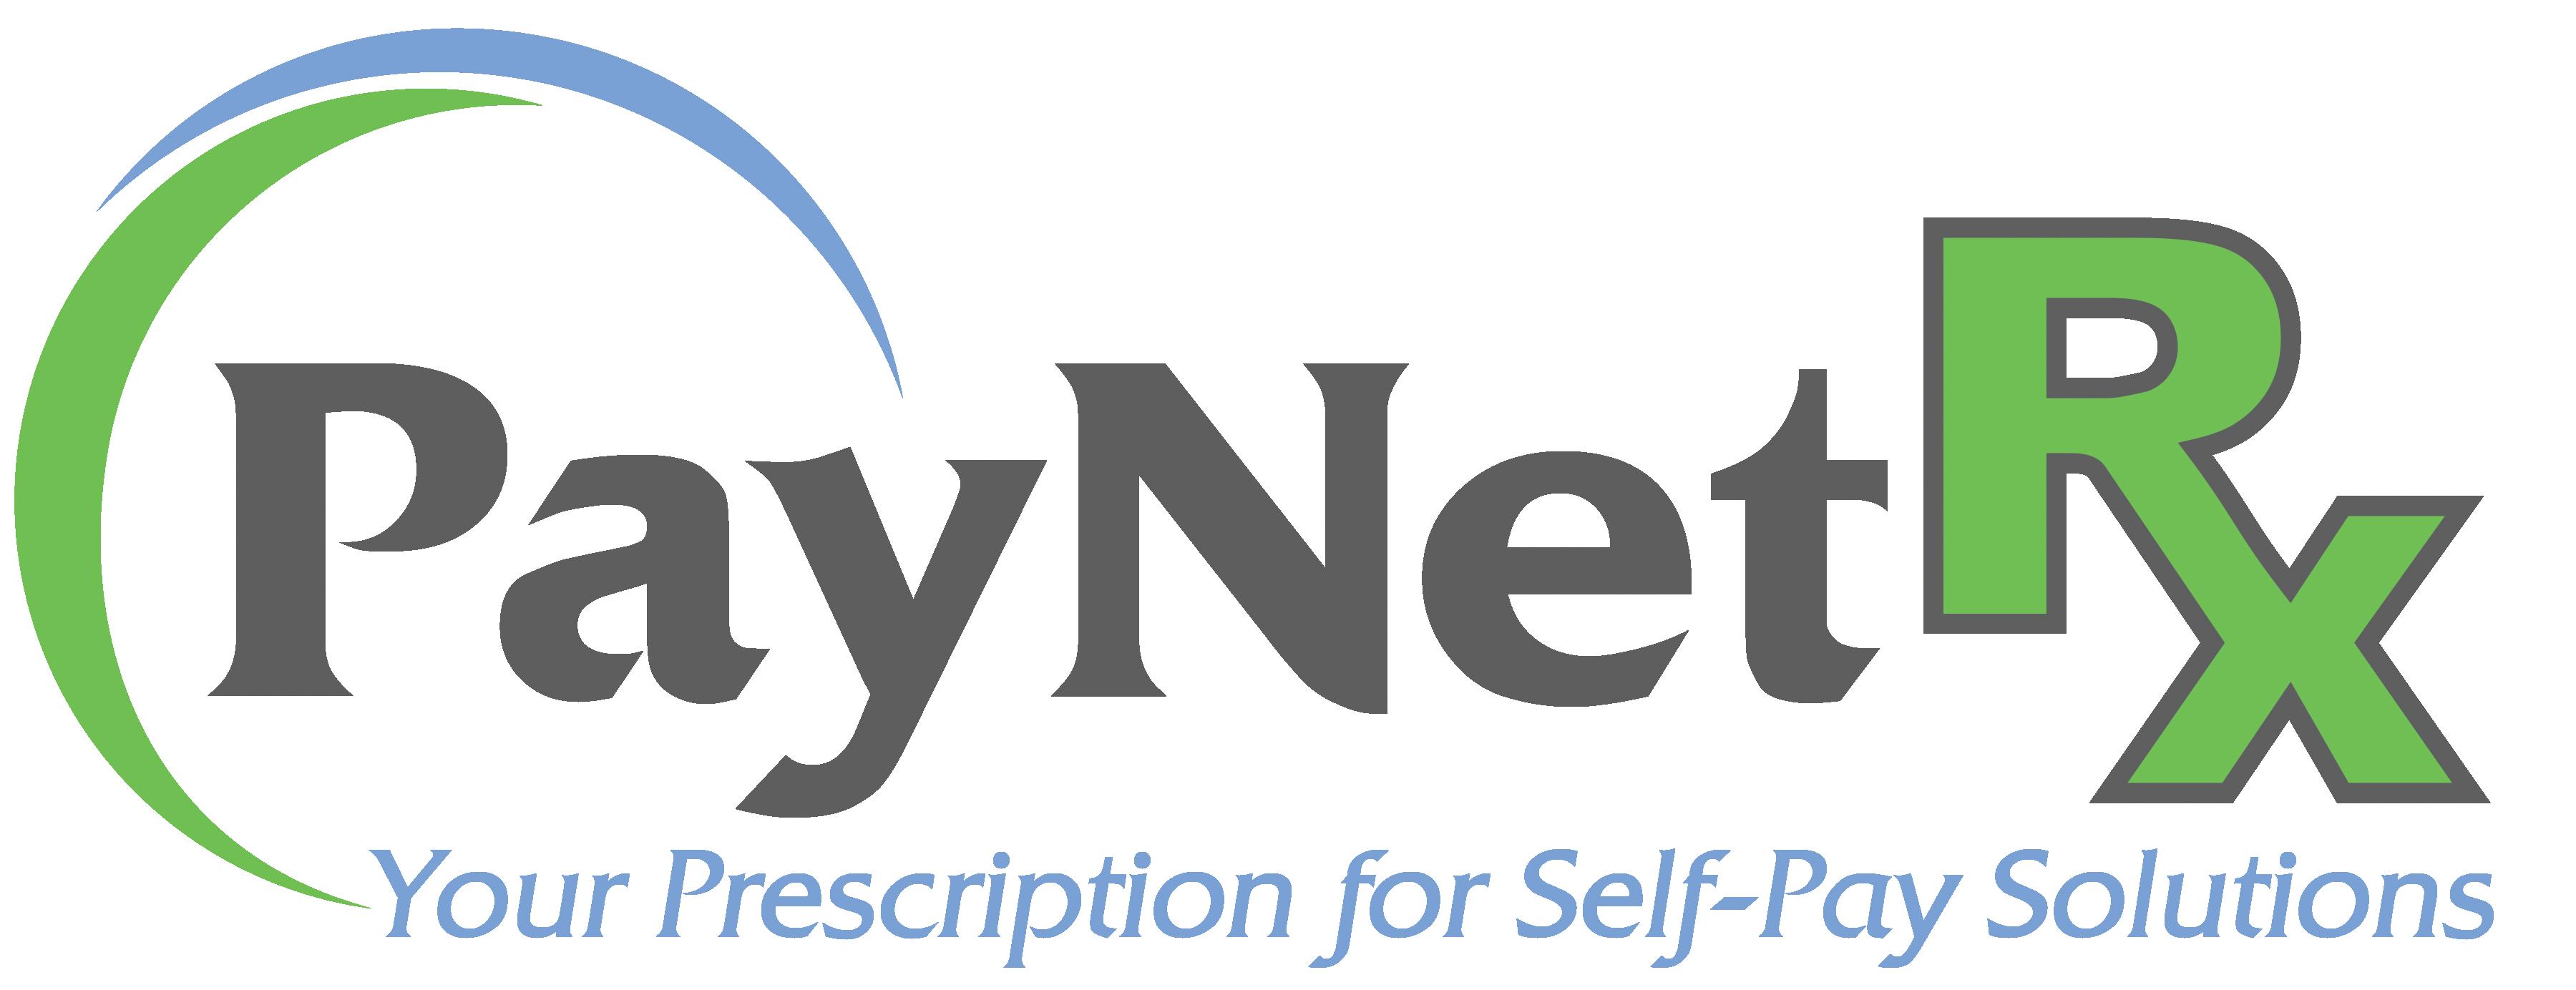 PayNetRX-2.png